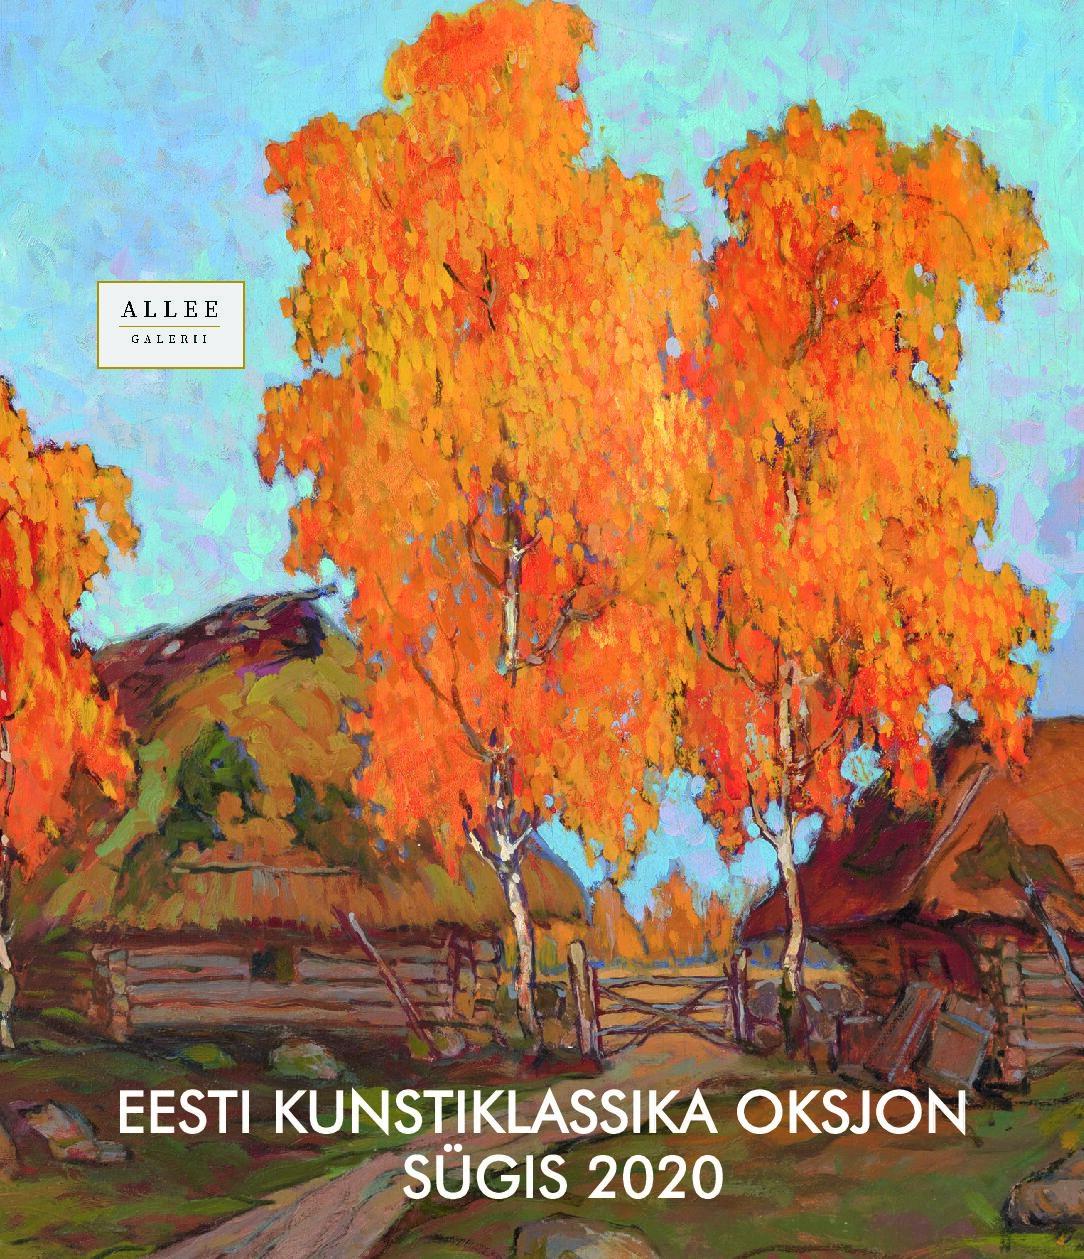 Näitusekataloog – Allee galerii Eesti kunstiklassika sügisoksjon 2020